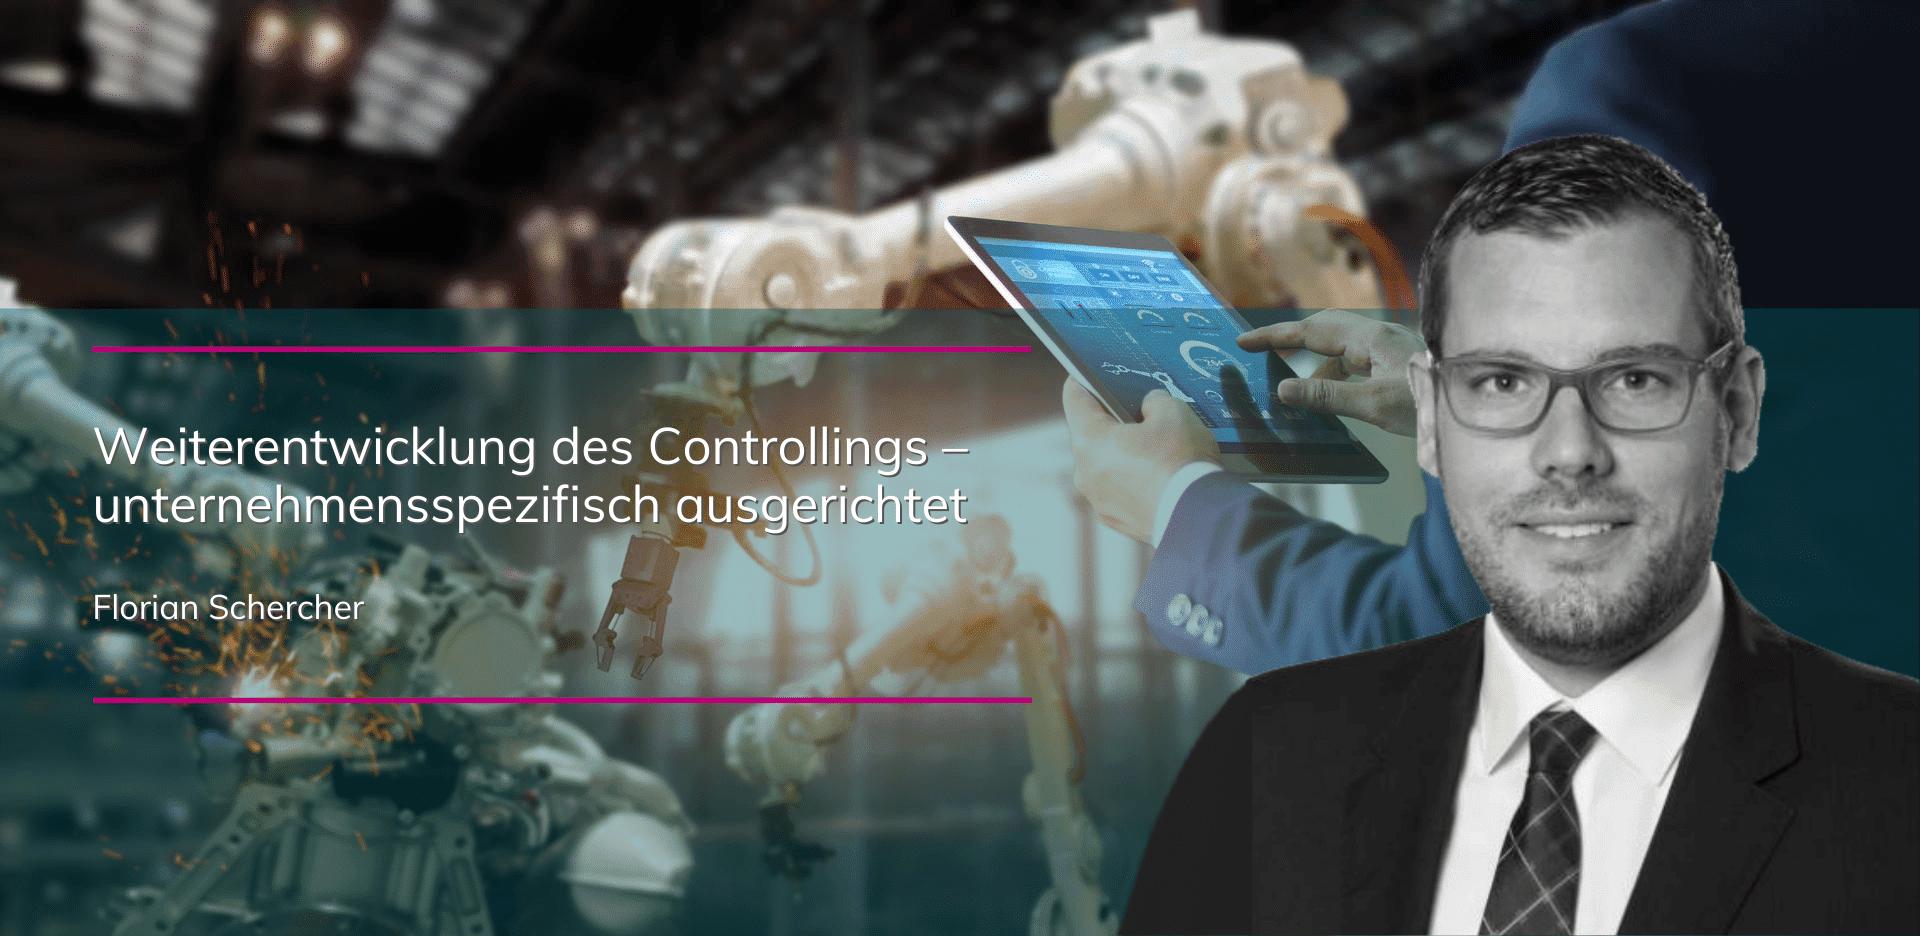 Florian Schercher - Weiterentwicklung des Controllings - unternehmensspezifisch ausgerichtet